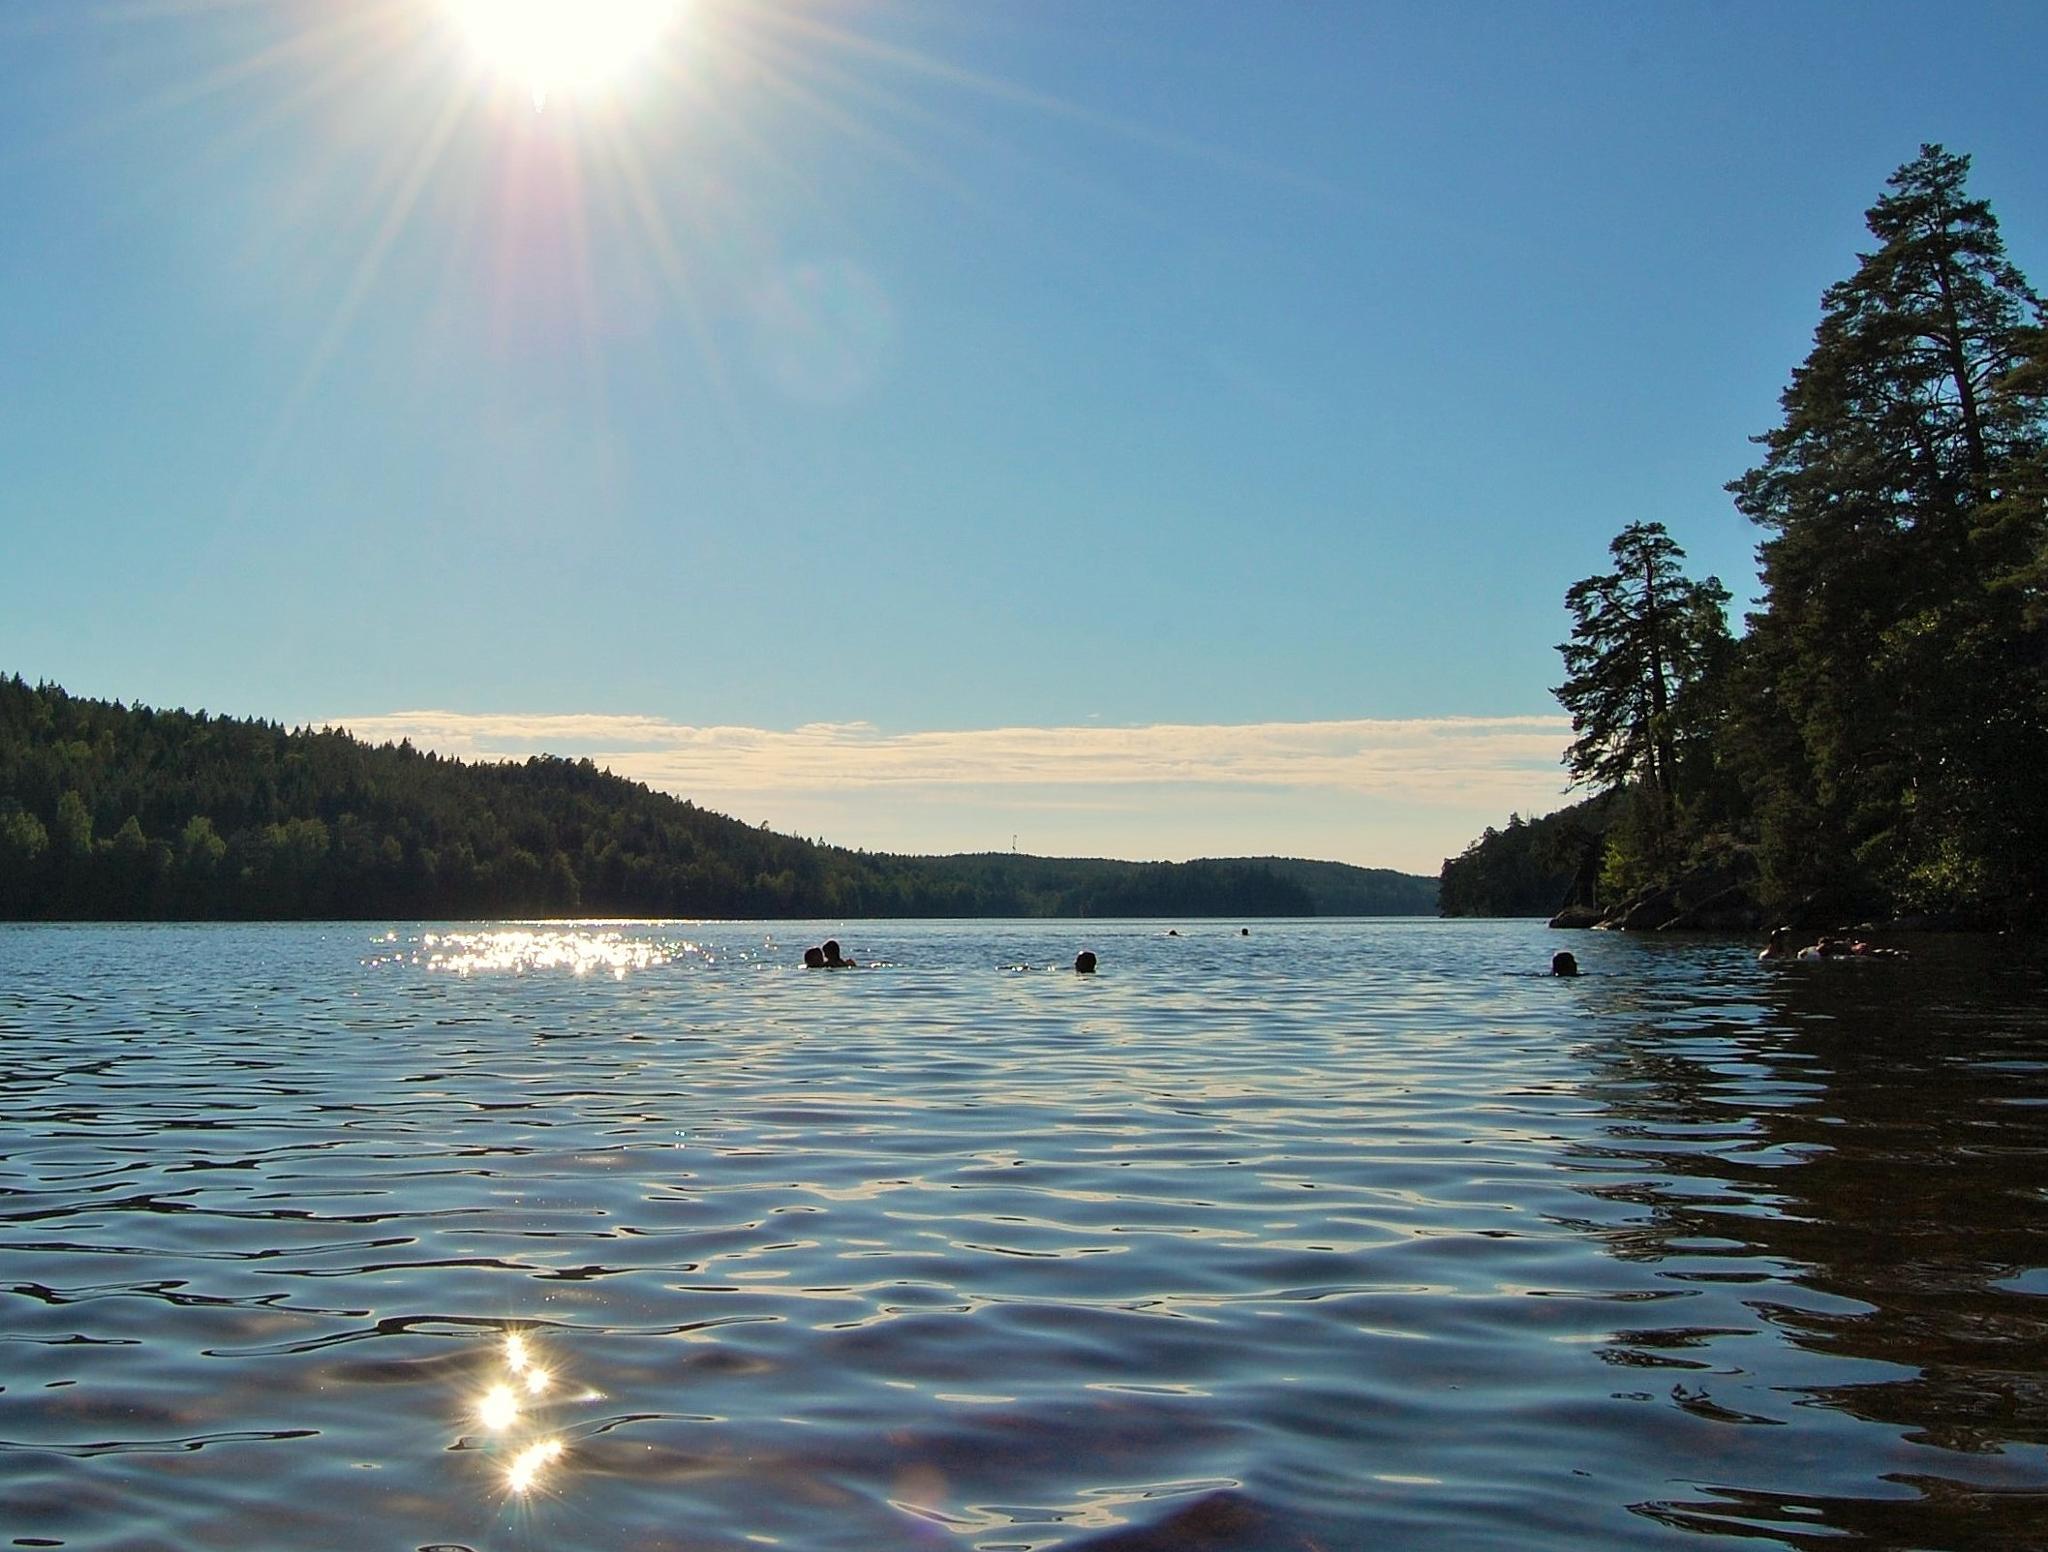 Swiming in the evening sun by lillemor.ekstrom ek